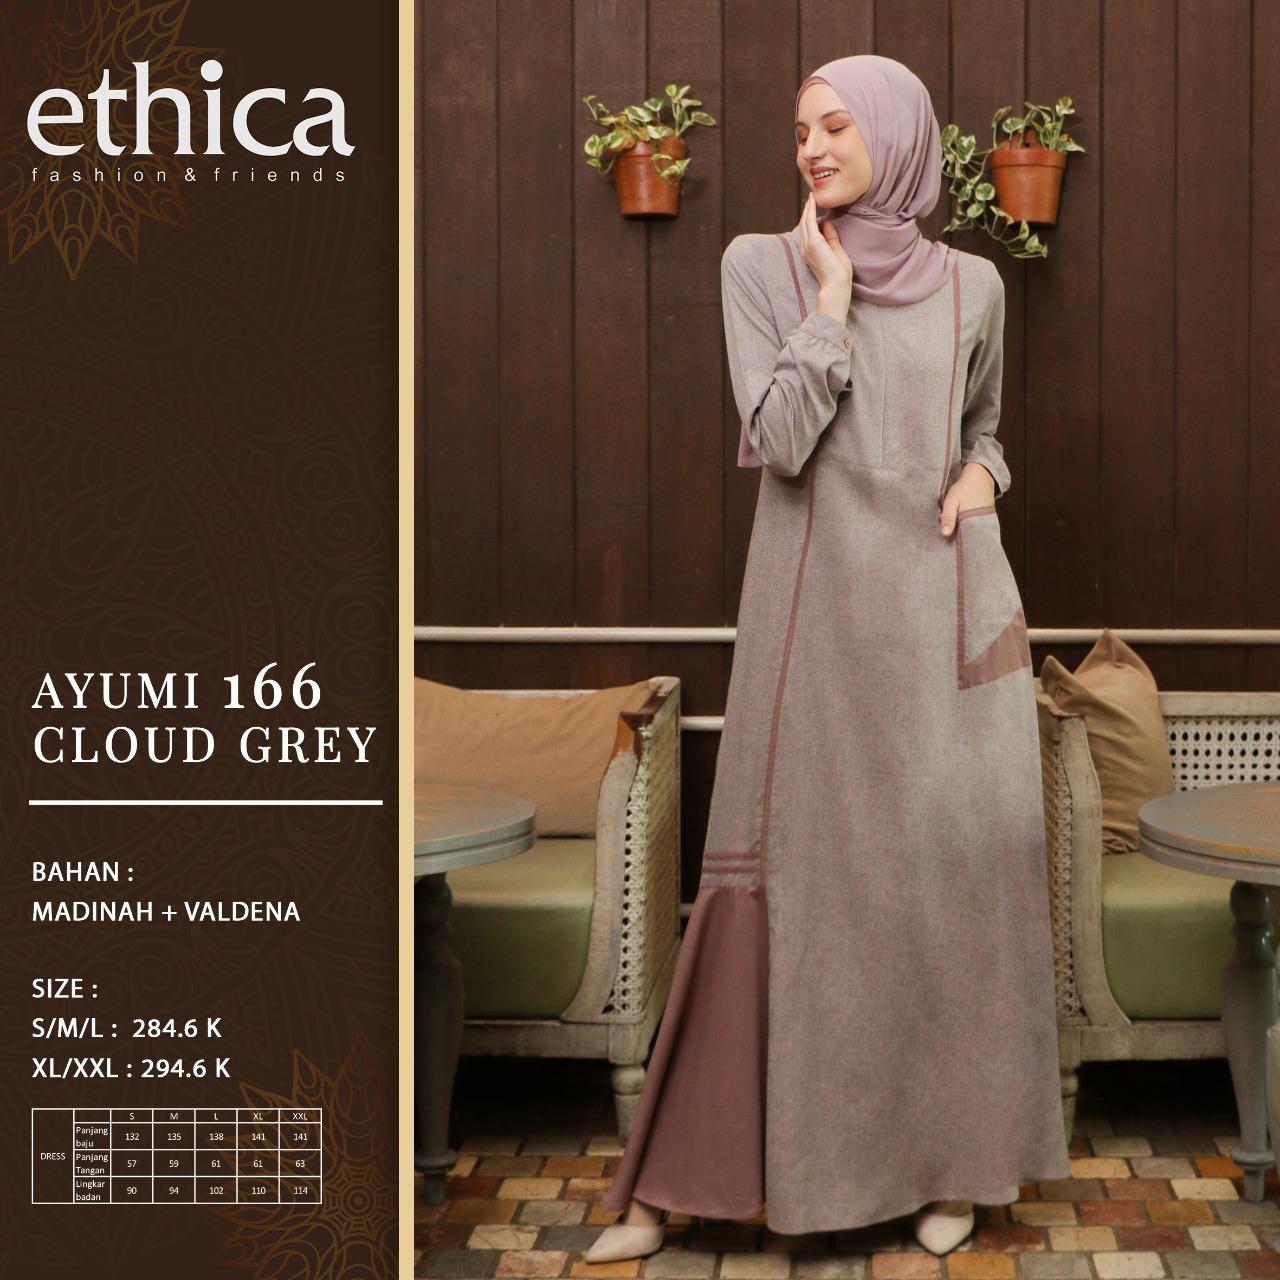 Gamis Ethica Ayumi 166 Membeli Jualan Online Baju Muslim Jumpsuit Dengan Harga Murah Lazada Indonesia